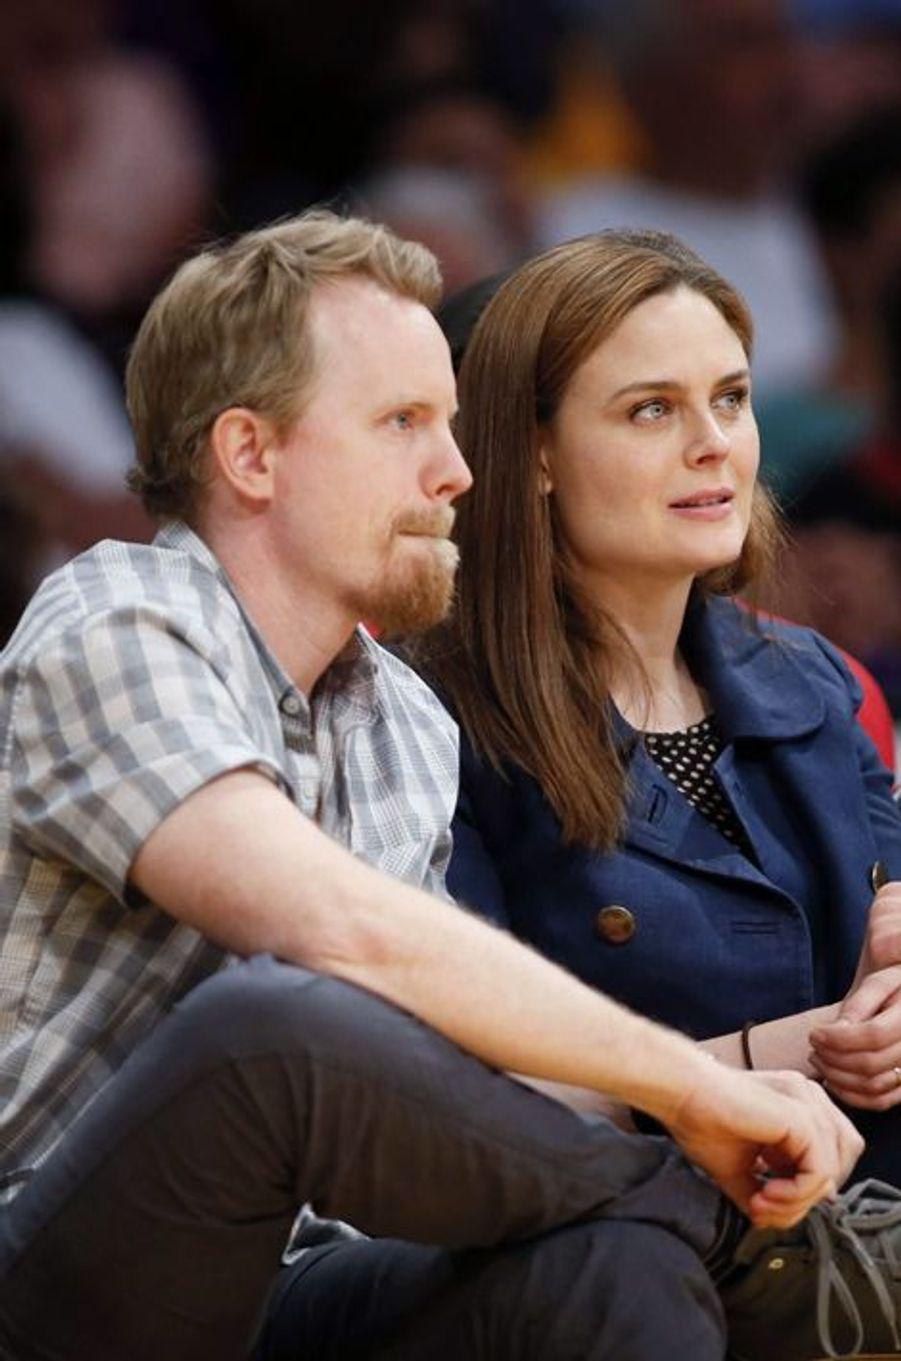 Les acteurs Emily Deschanel et David Hornsby ont accueilli leur deuxième enfant, un petit garçon prénommé Calvin en juin 2015.